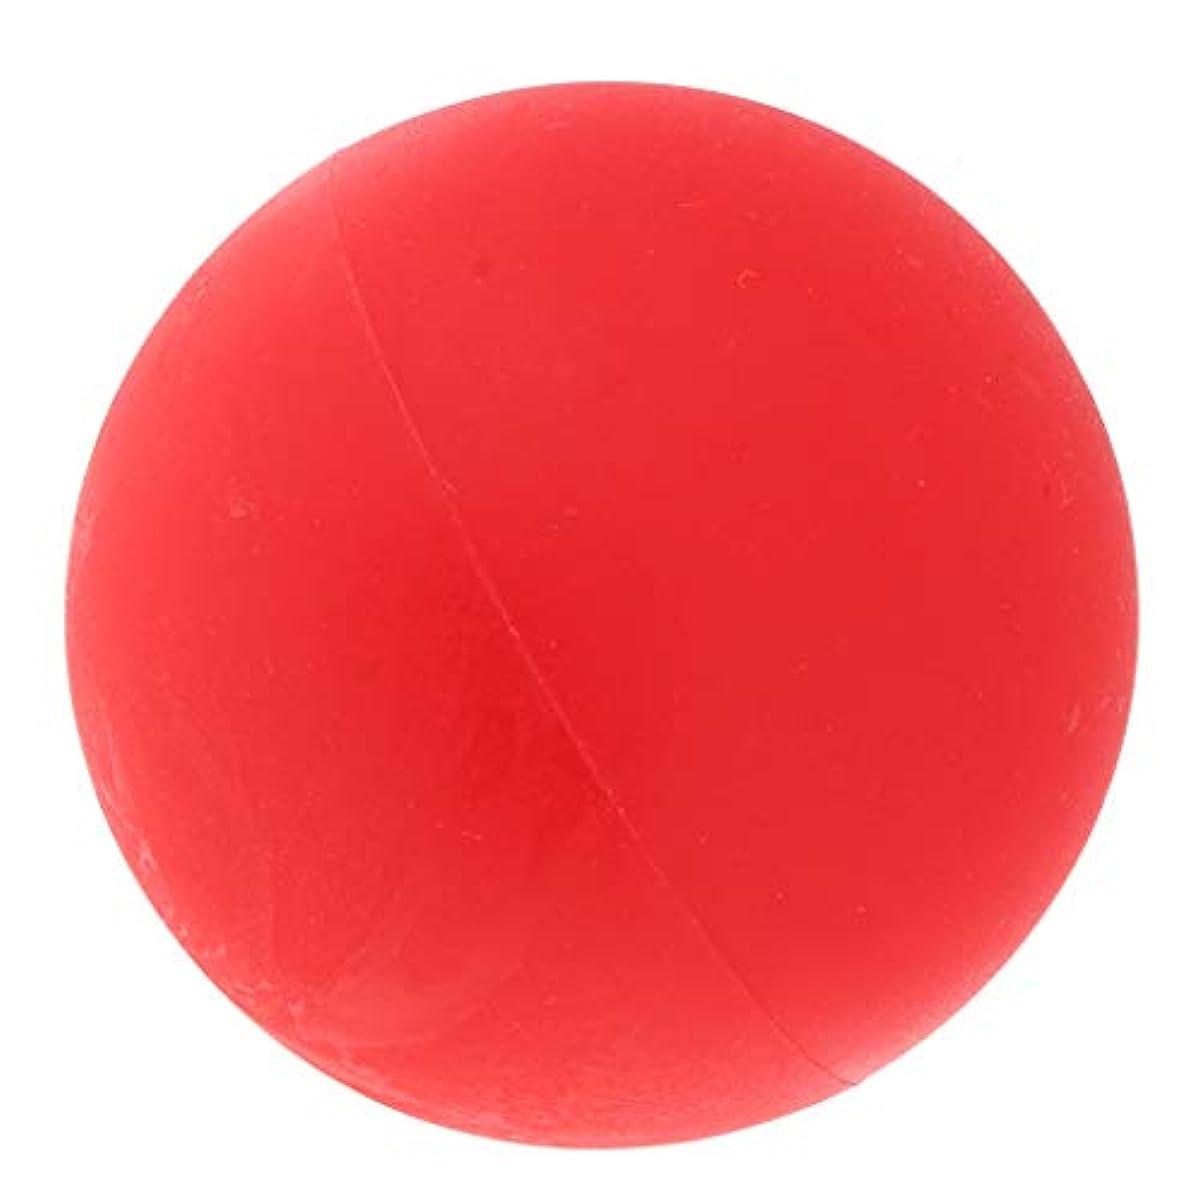 ラッシュ純正サンドイッチマッサージボール ヨガボール トリガーポイント 筋膜リリース 緊張緩和 健康グッズ 全4色 - 赤